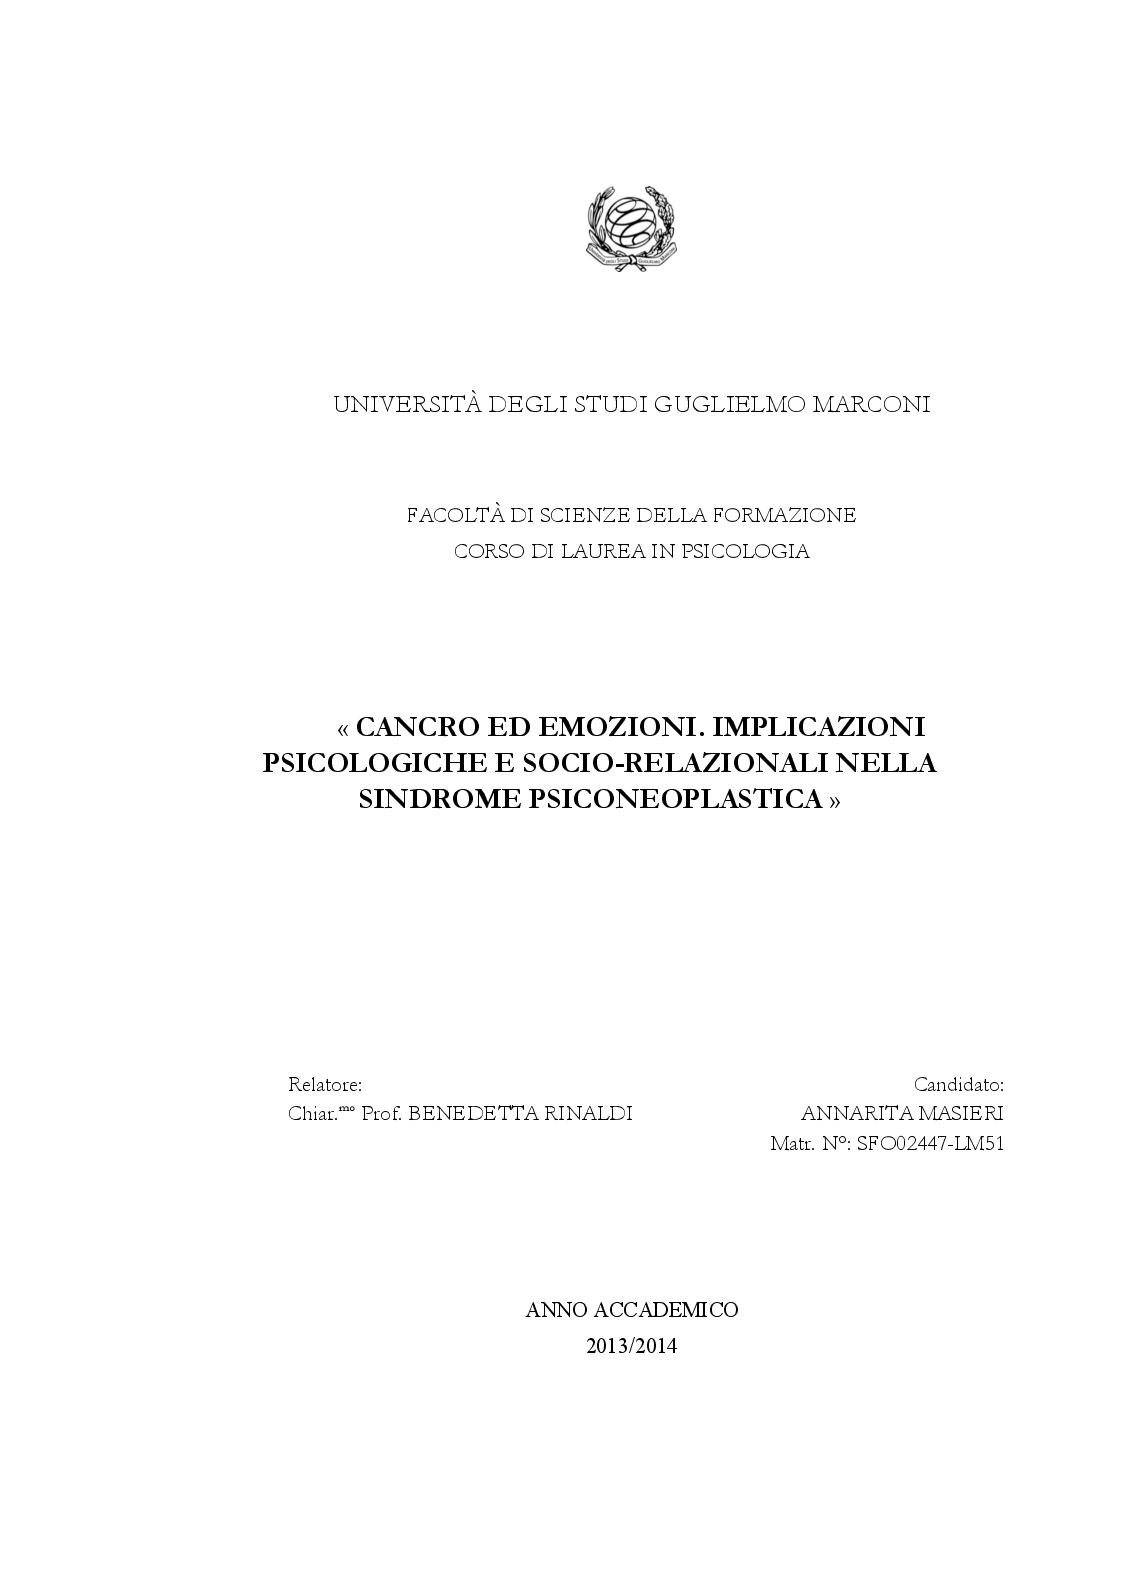 Anteprima della tesi: CANCRO ED EMOZIONI. Implicazioni psicologiche e socio-relazionali nella sindrome psiconeoplastica, Pagina 1